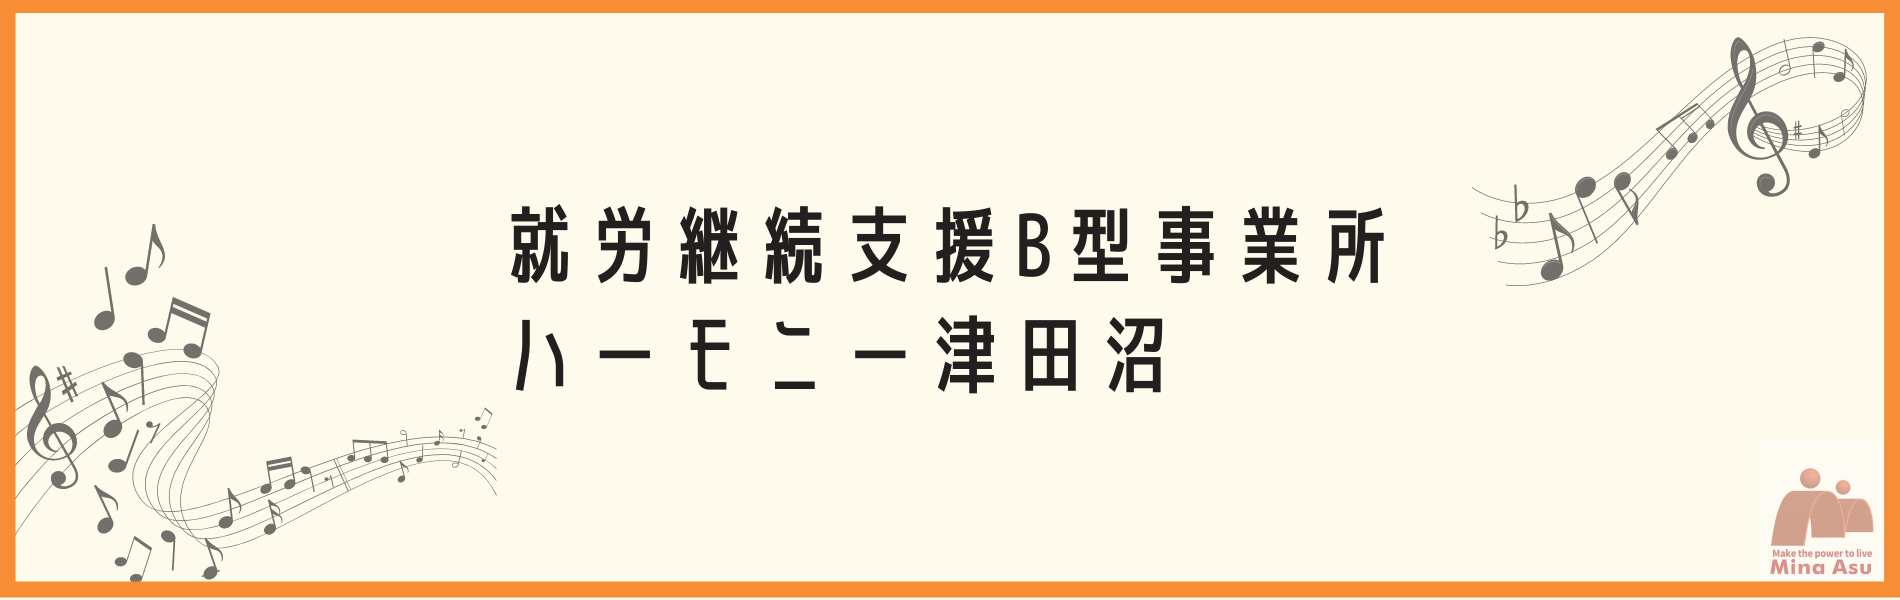 ハーモニー津田沼